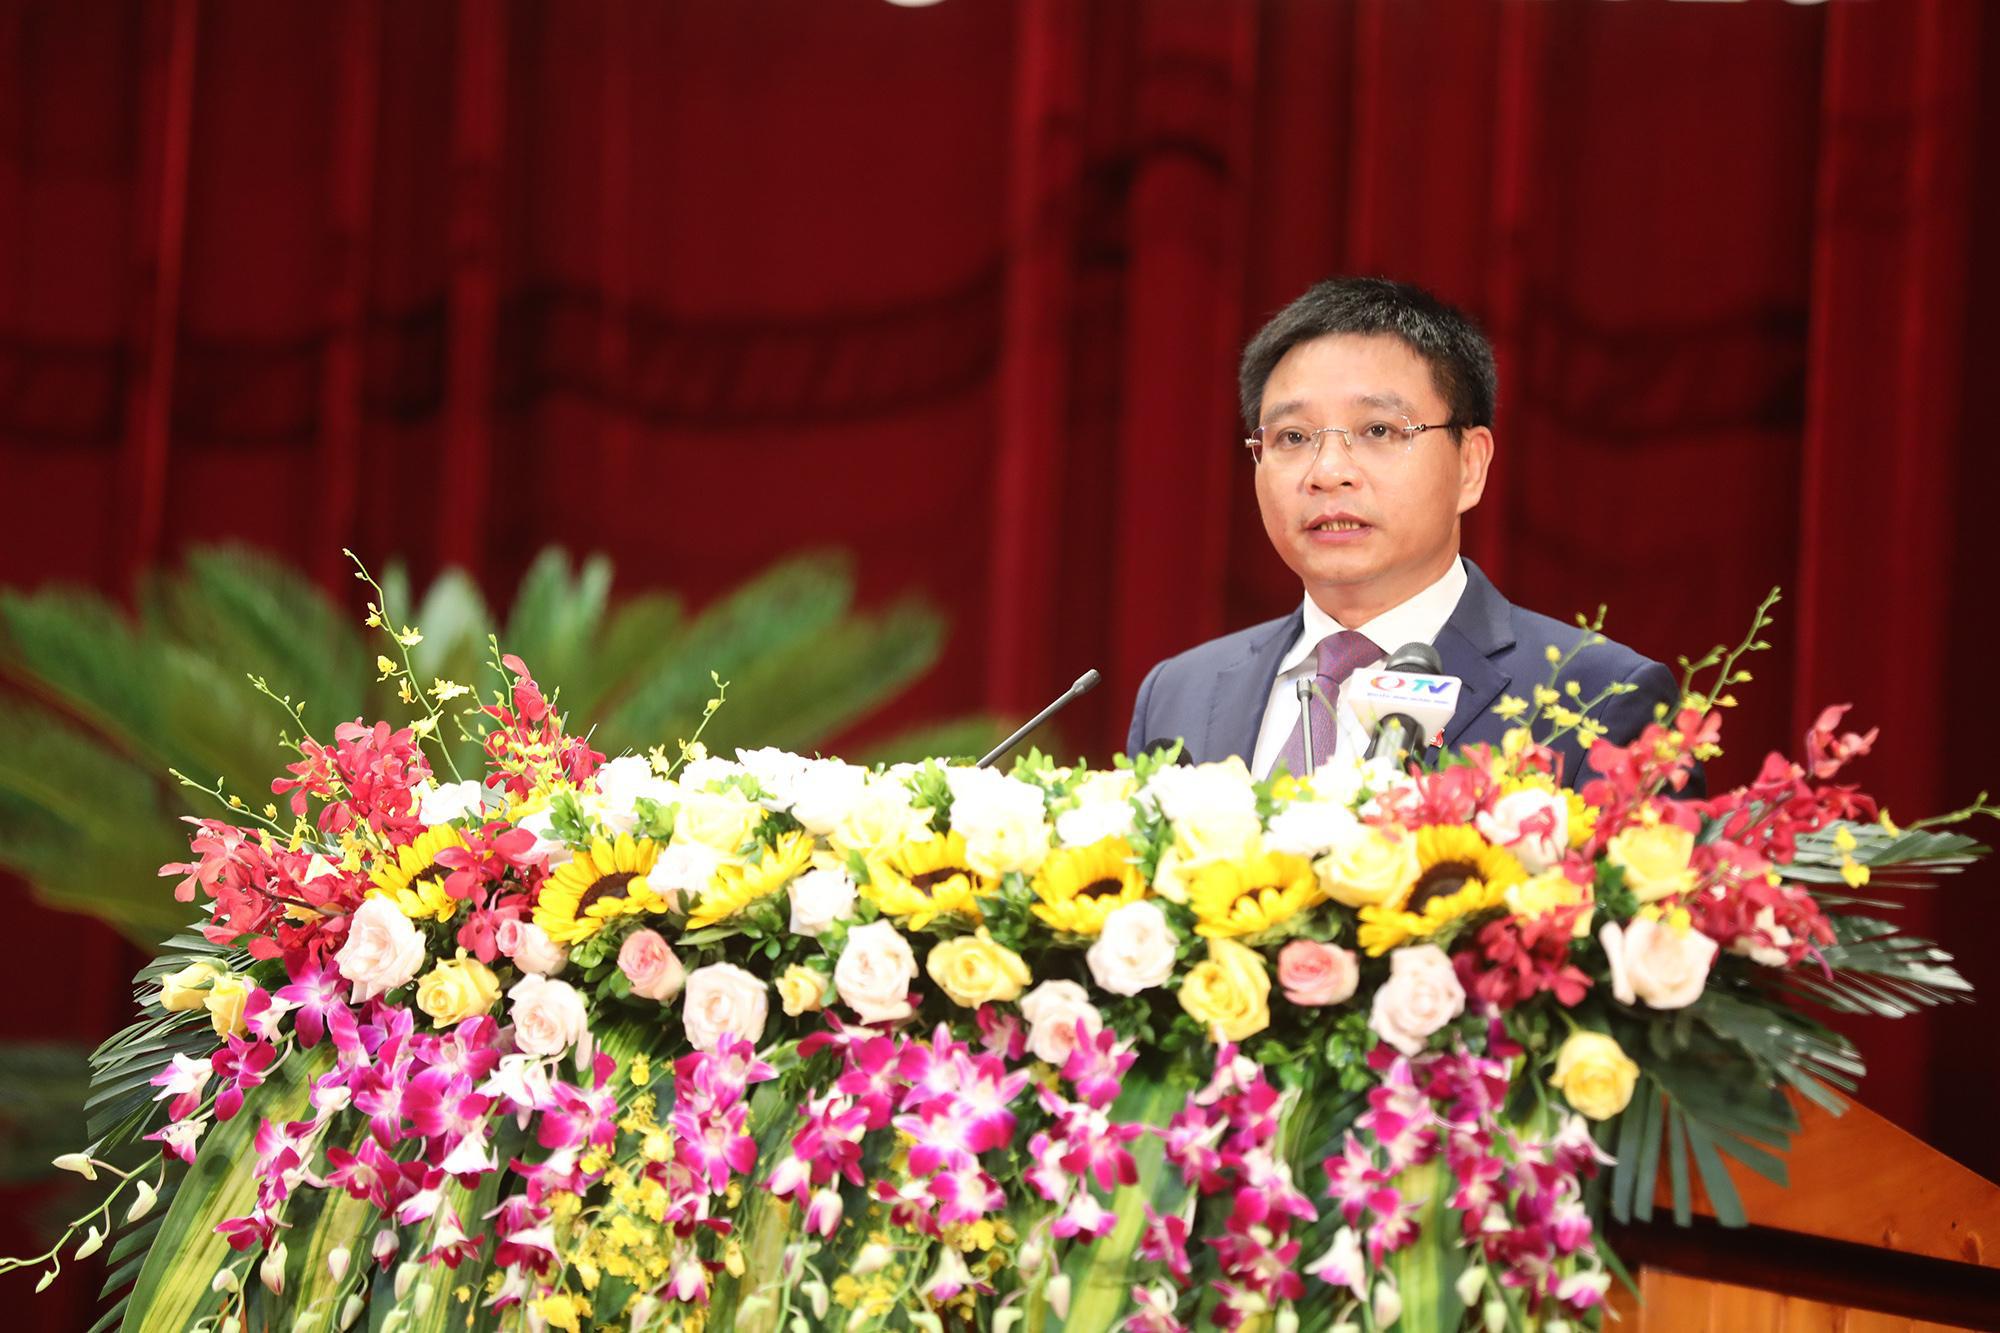 Quảng Ninh: Kinh tế tăng trưởng 5,7% trong 6 tháng đầu năm - Ảnh 2.